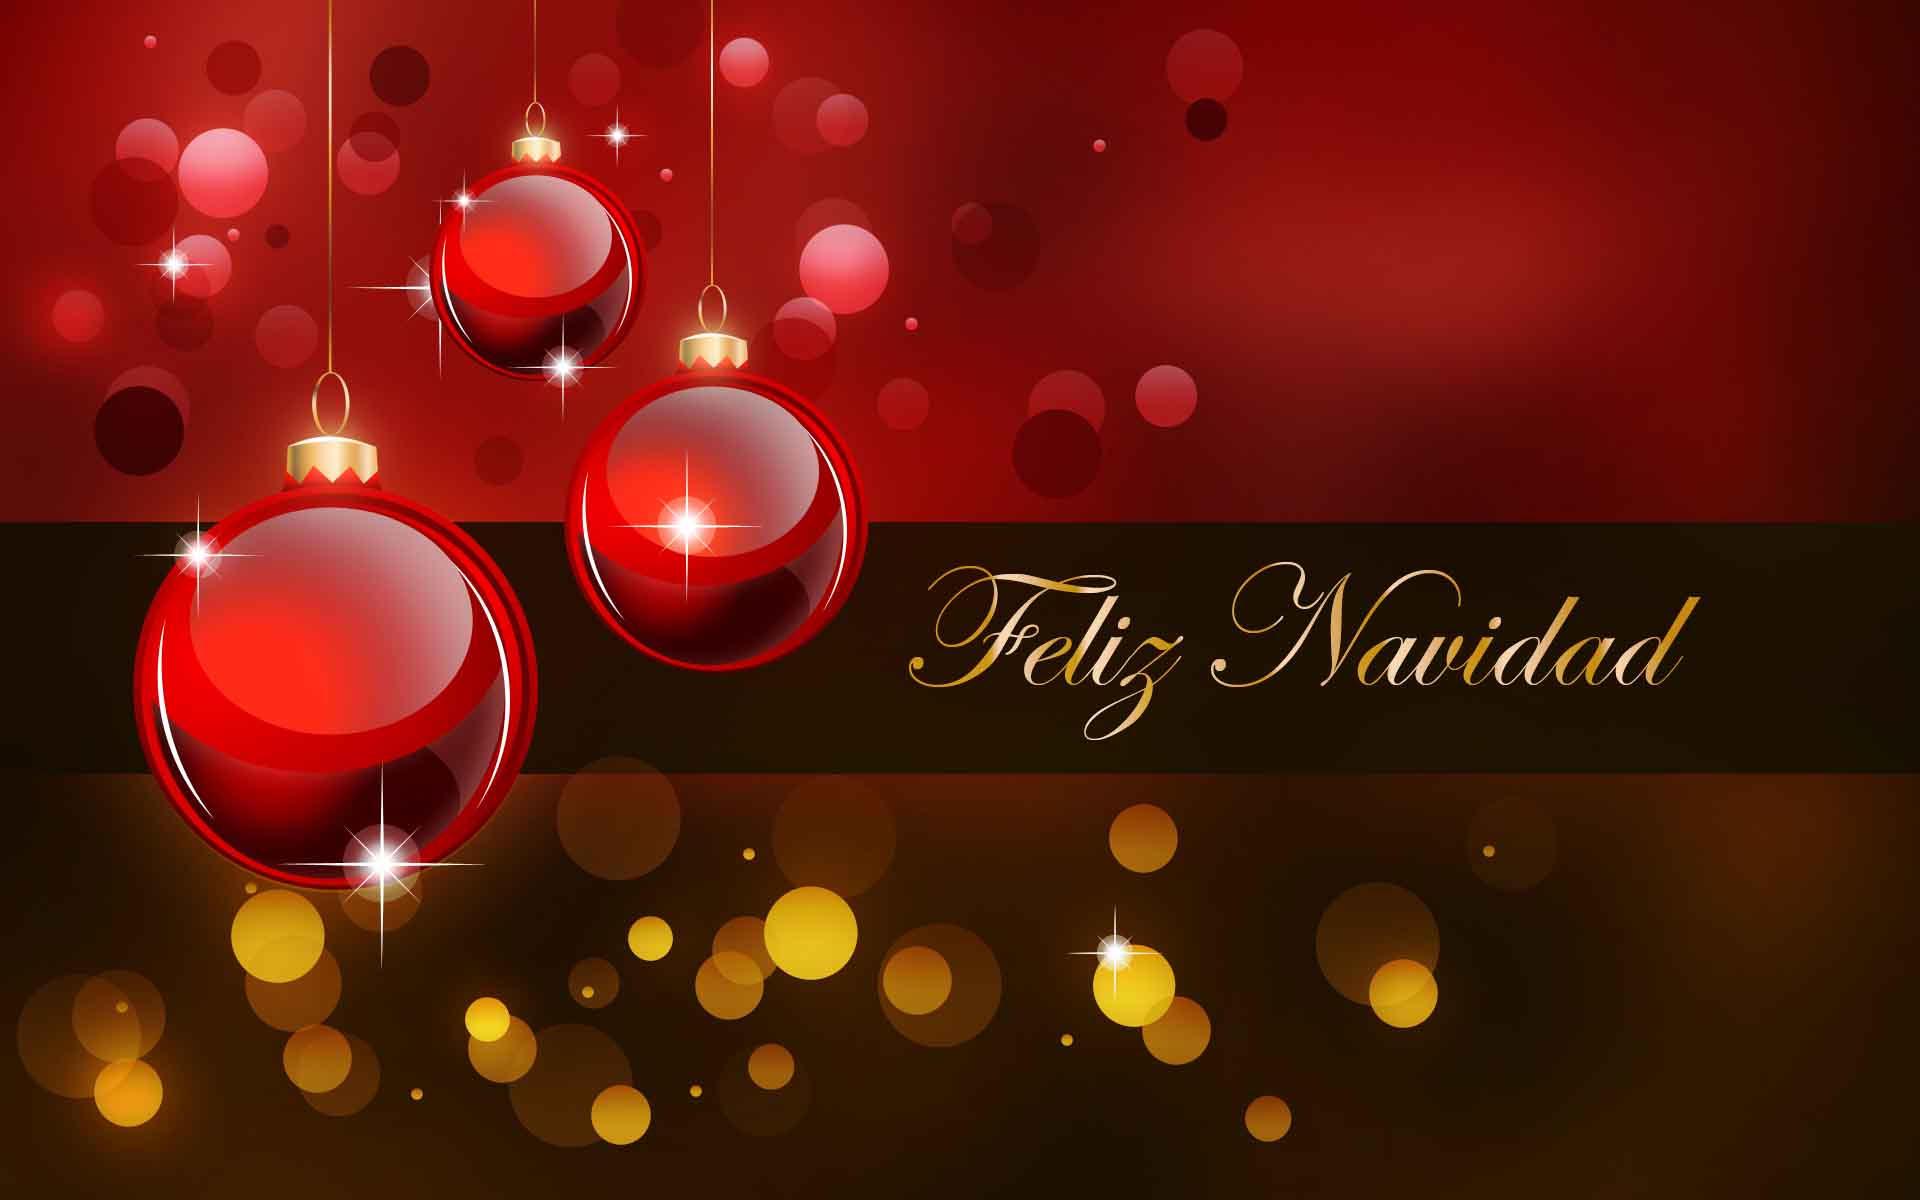 Feliz navidad plantilla psd by gianferdinand on deviantart - Felicitaciones de navidad cristianas ...